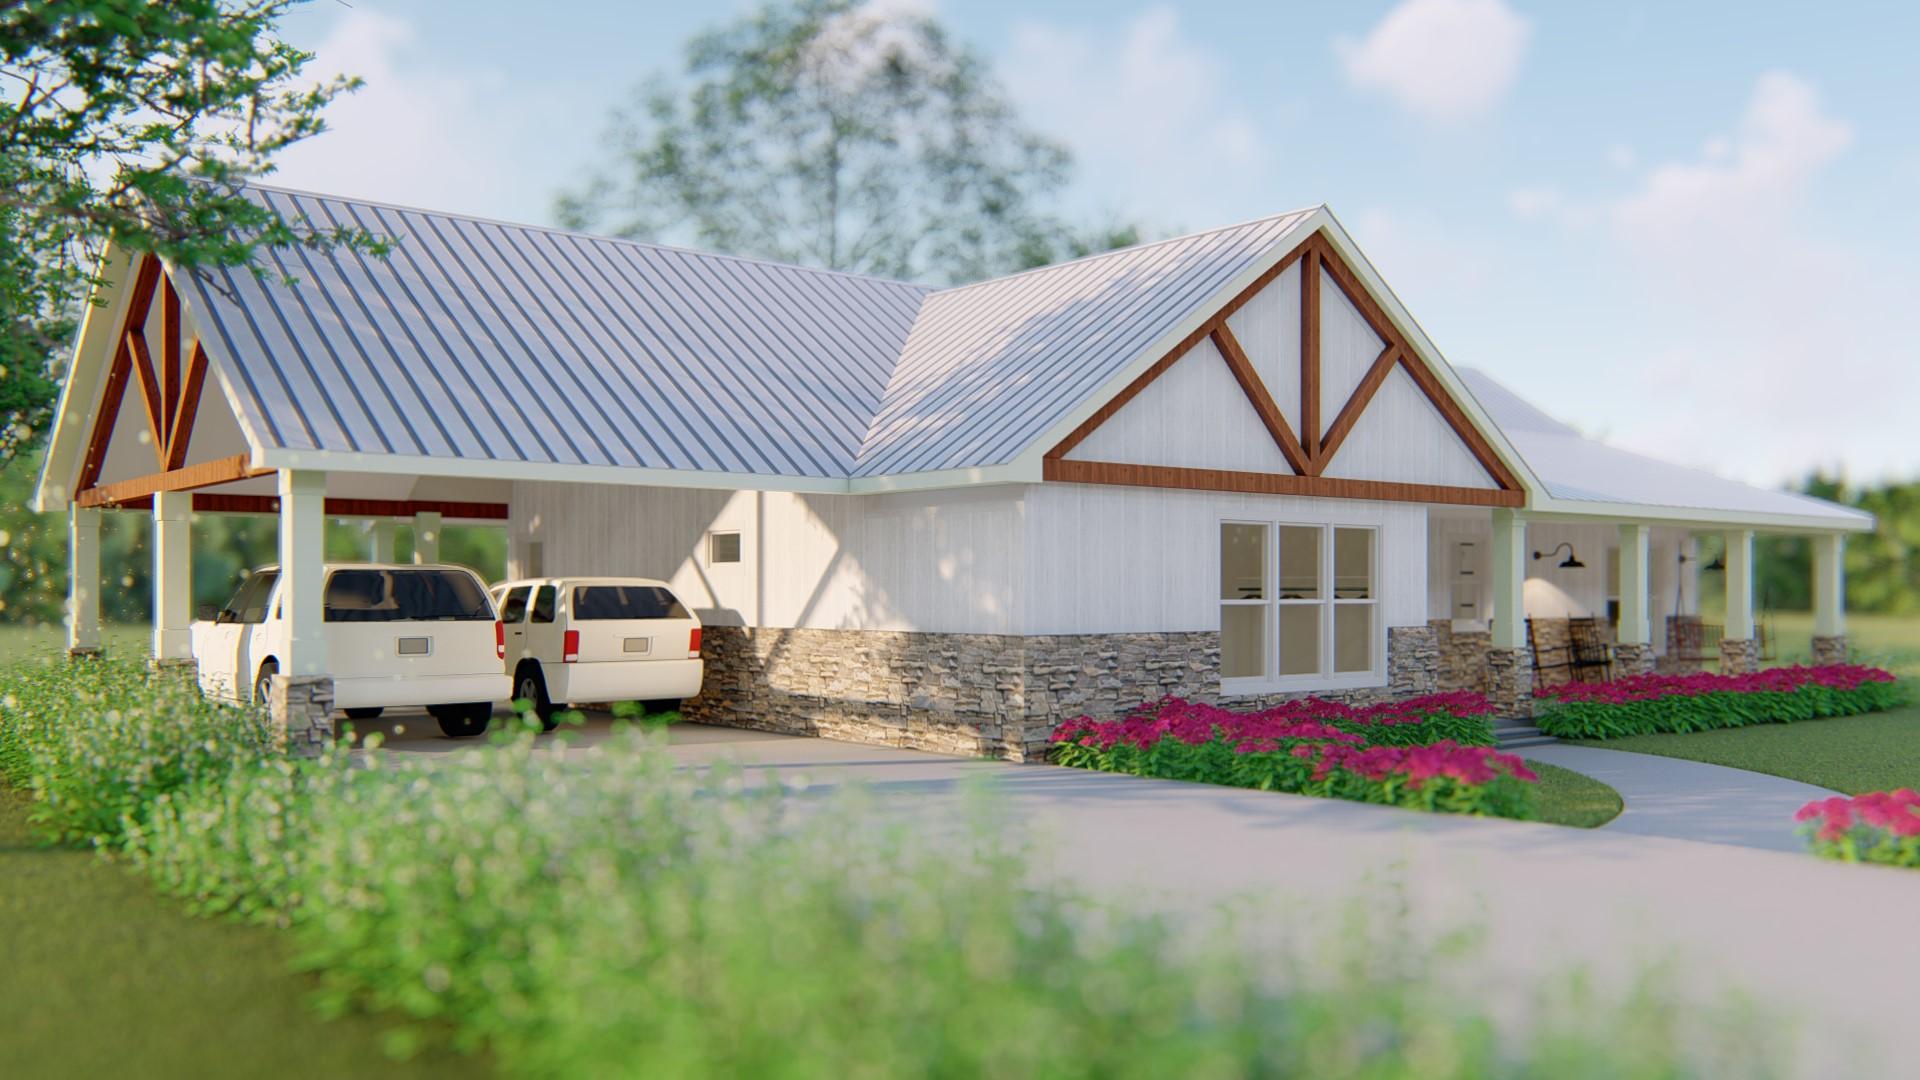 Custom Home Design - Farm House Ranch Style